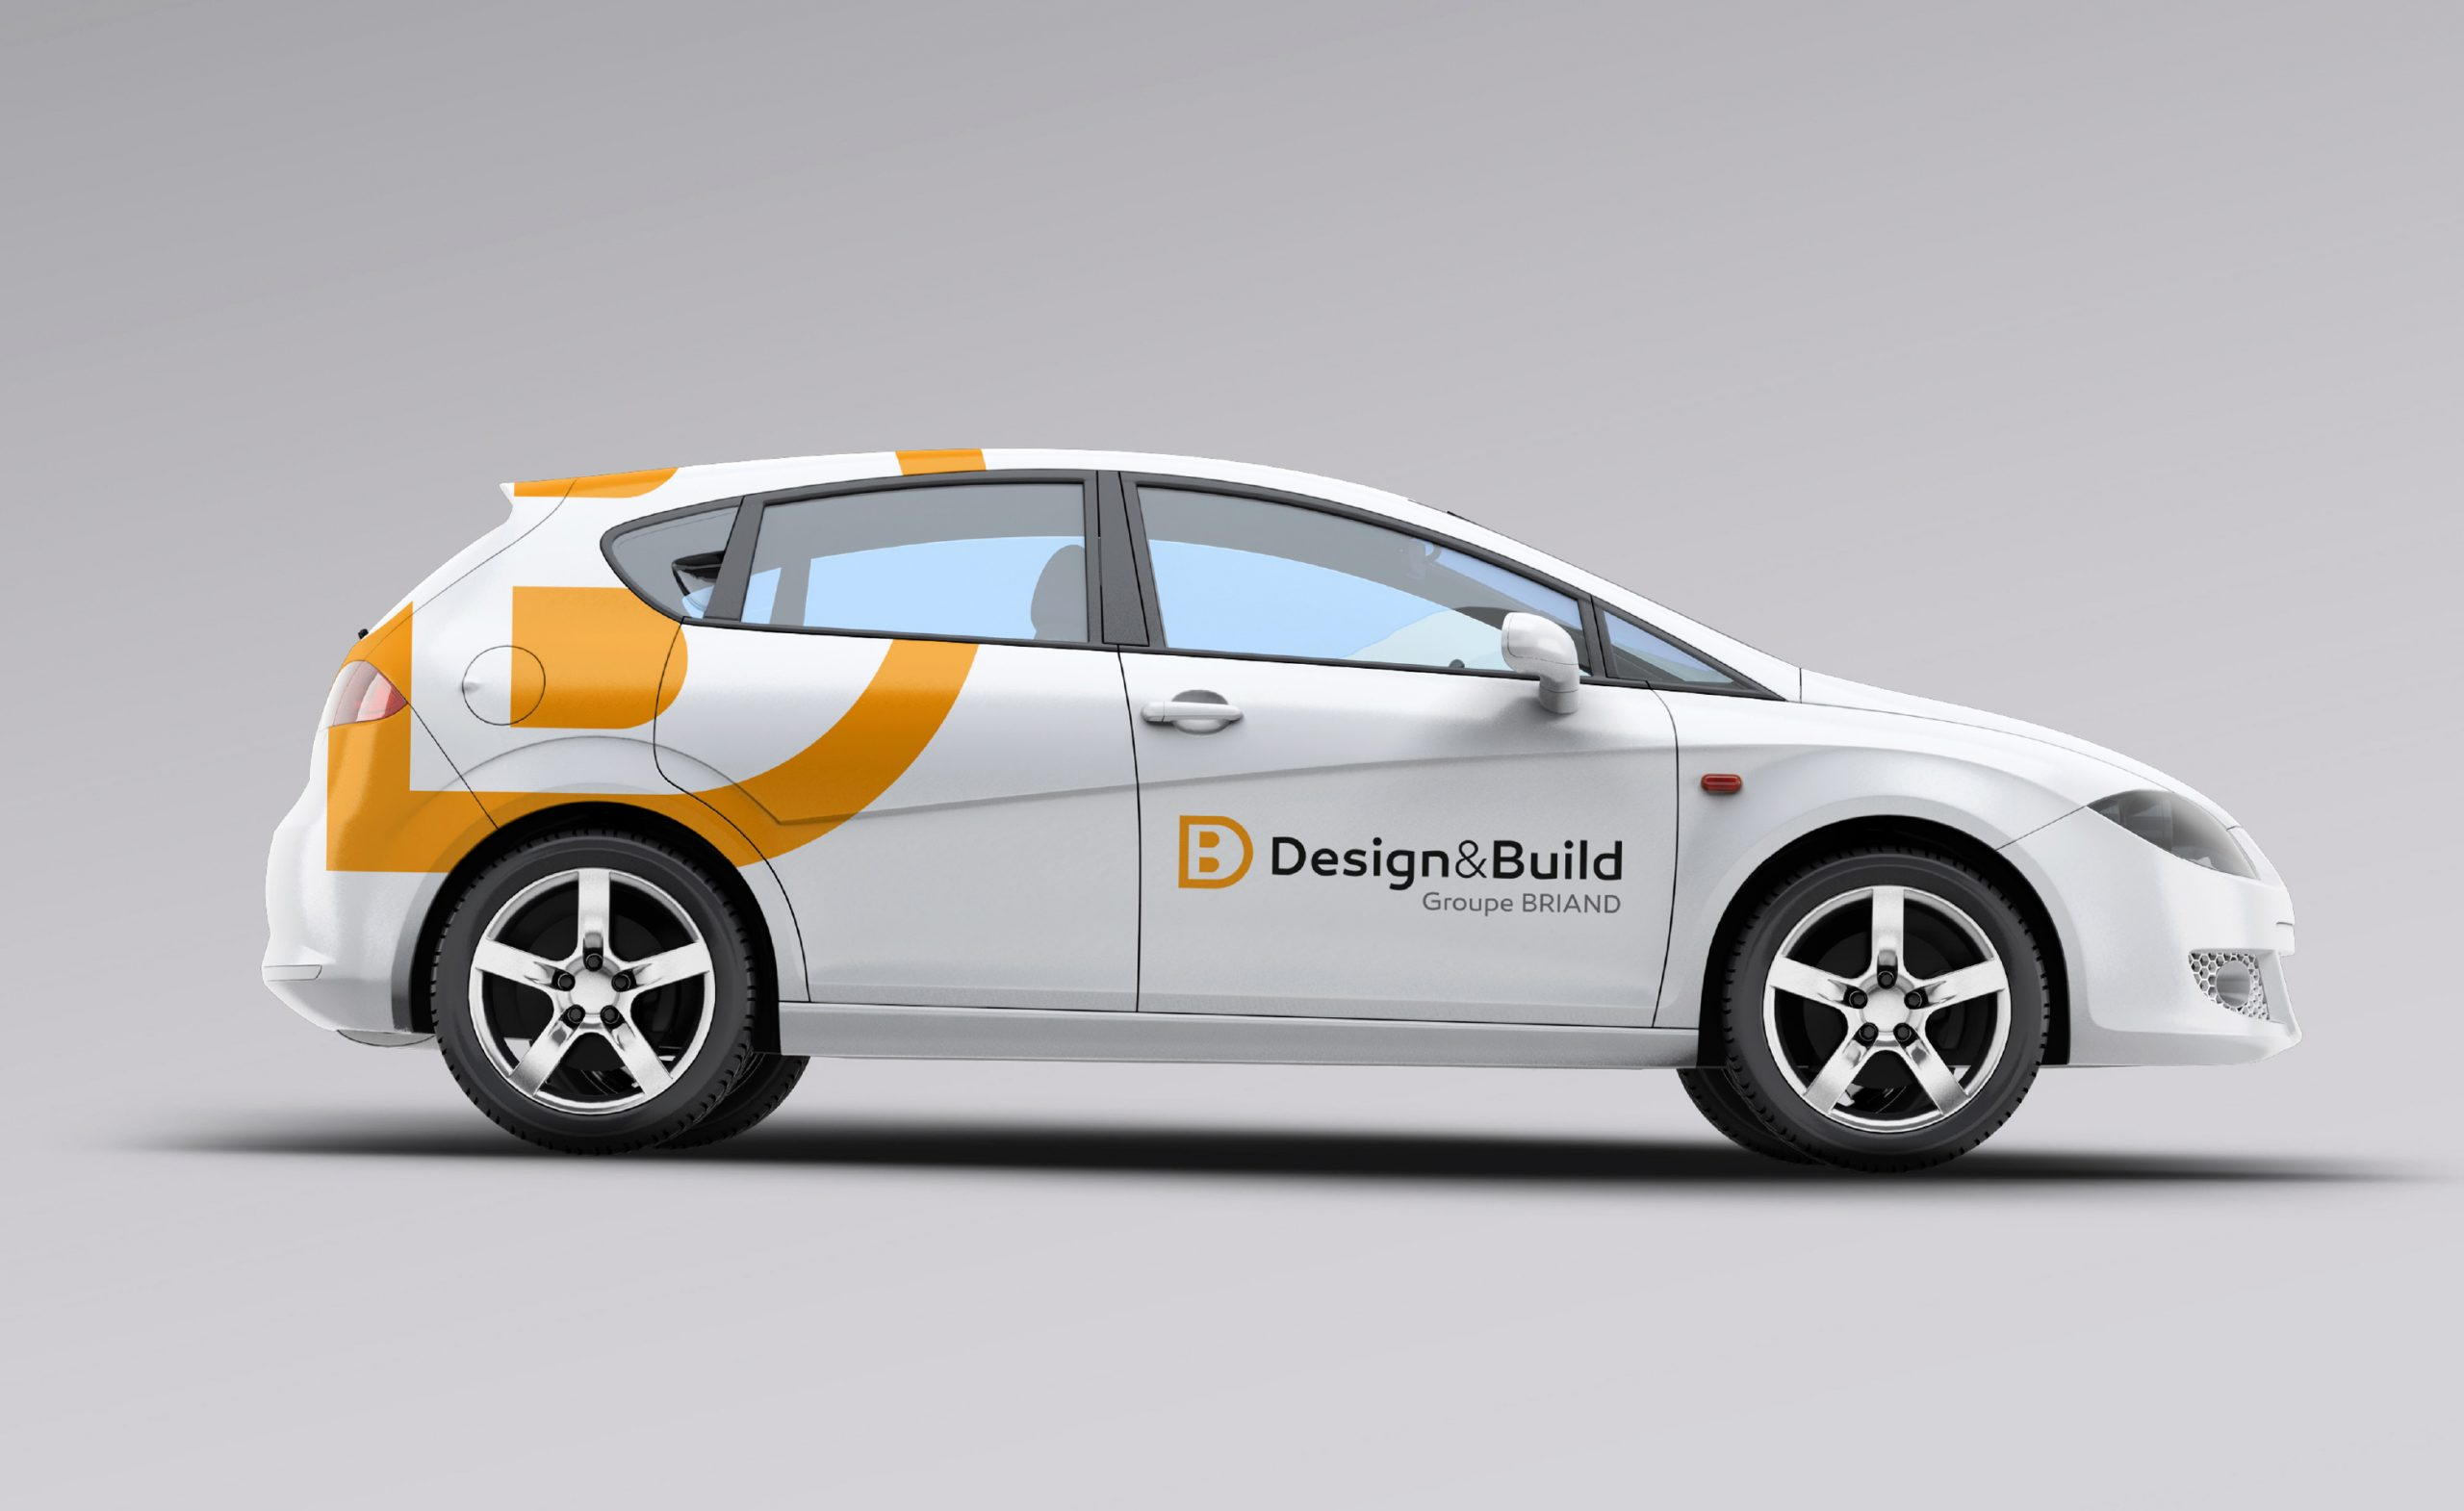 Déclinaisons logo Design & Build sur voiture